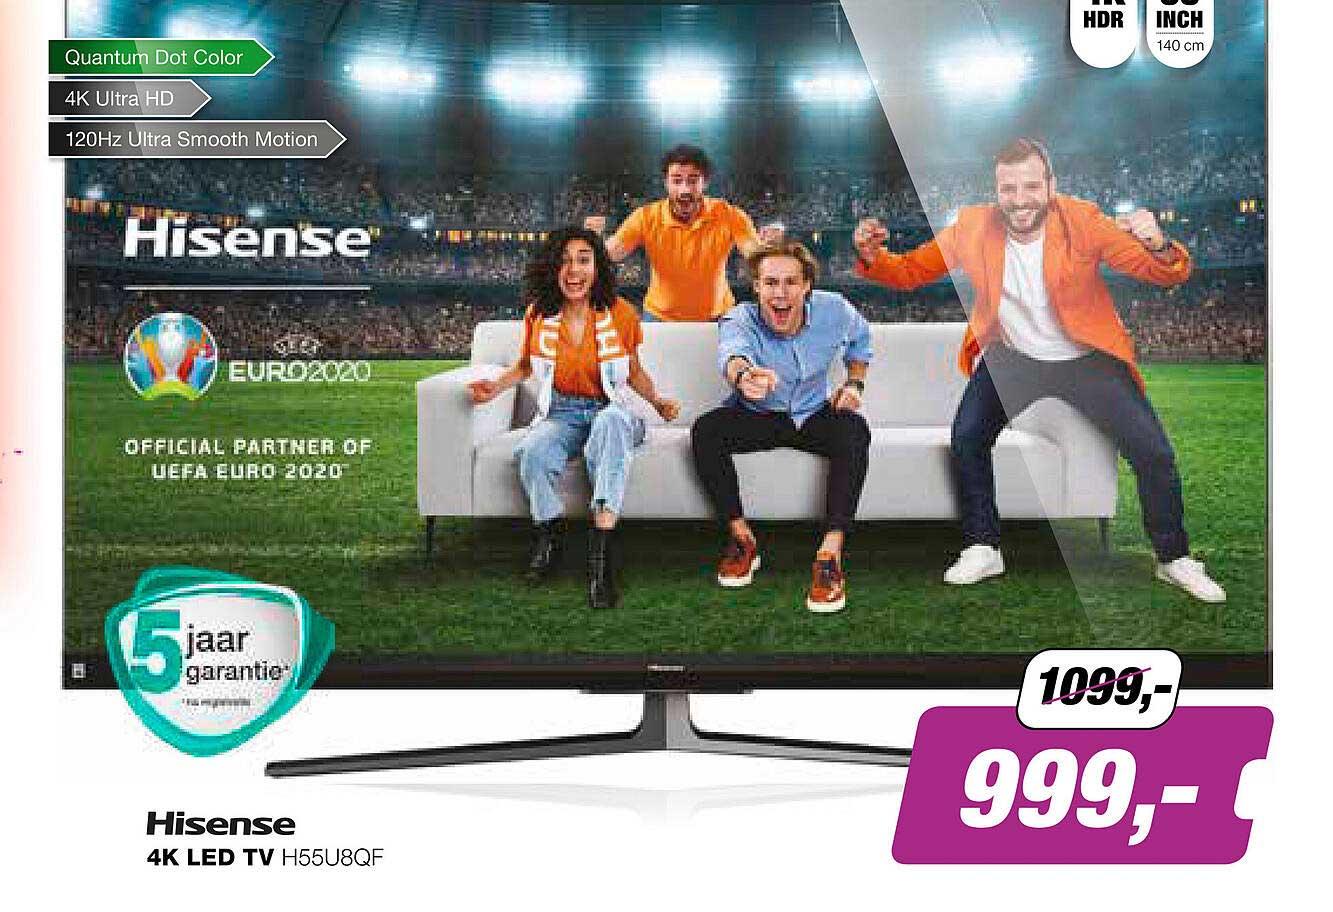 EP Hisense 4K LED TV H55U8QF